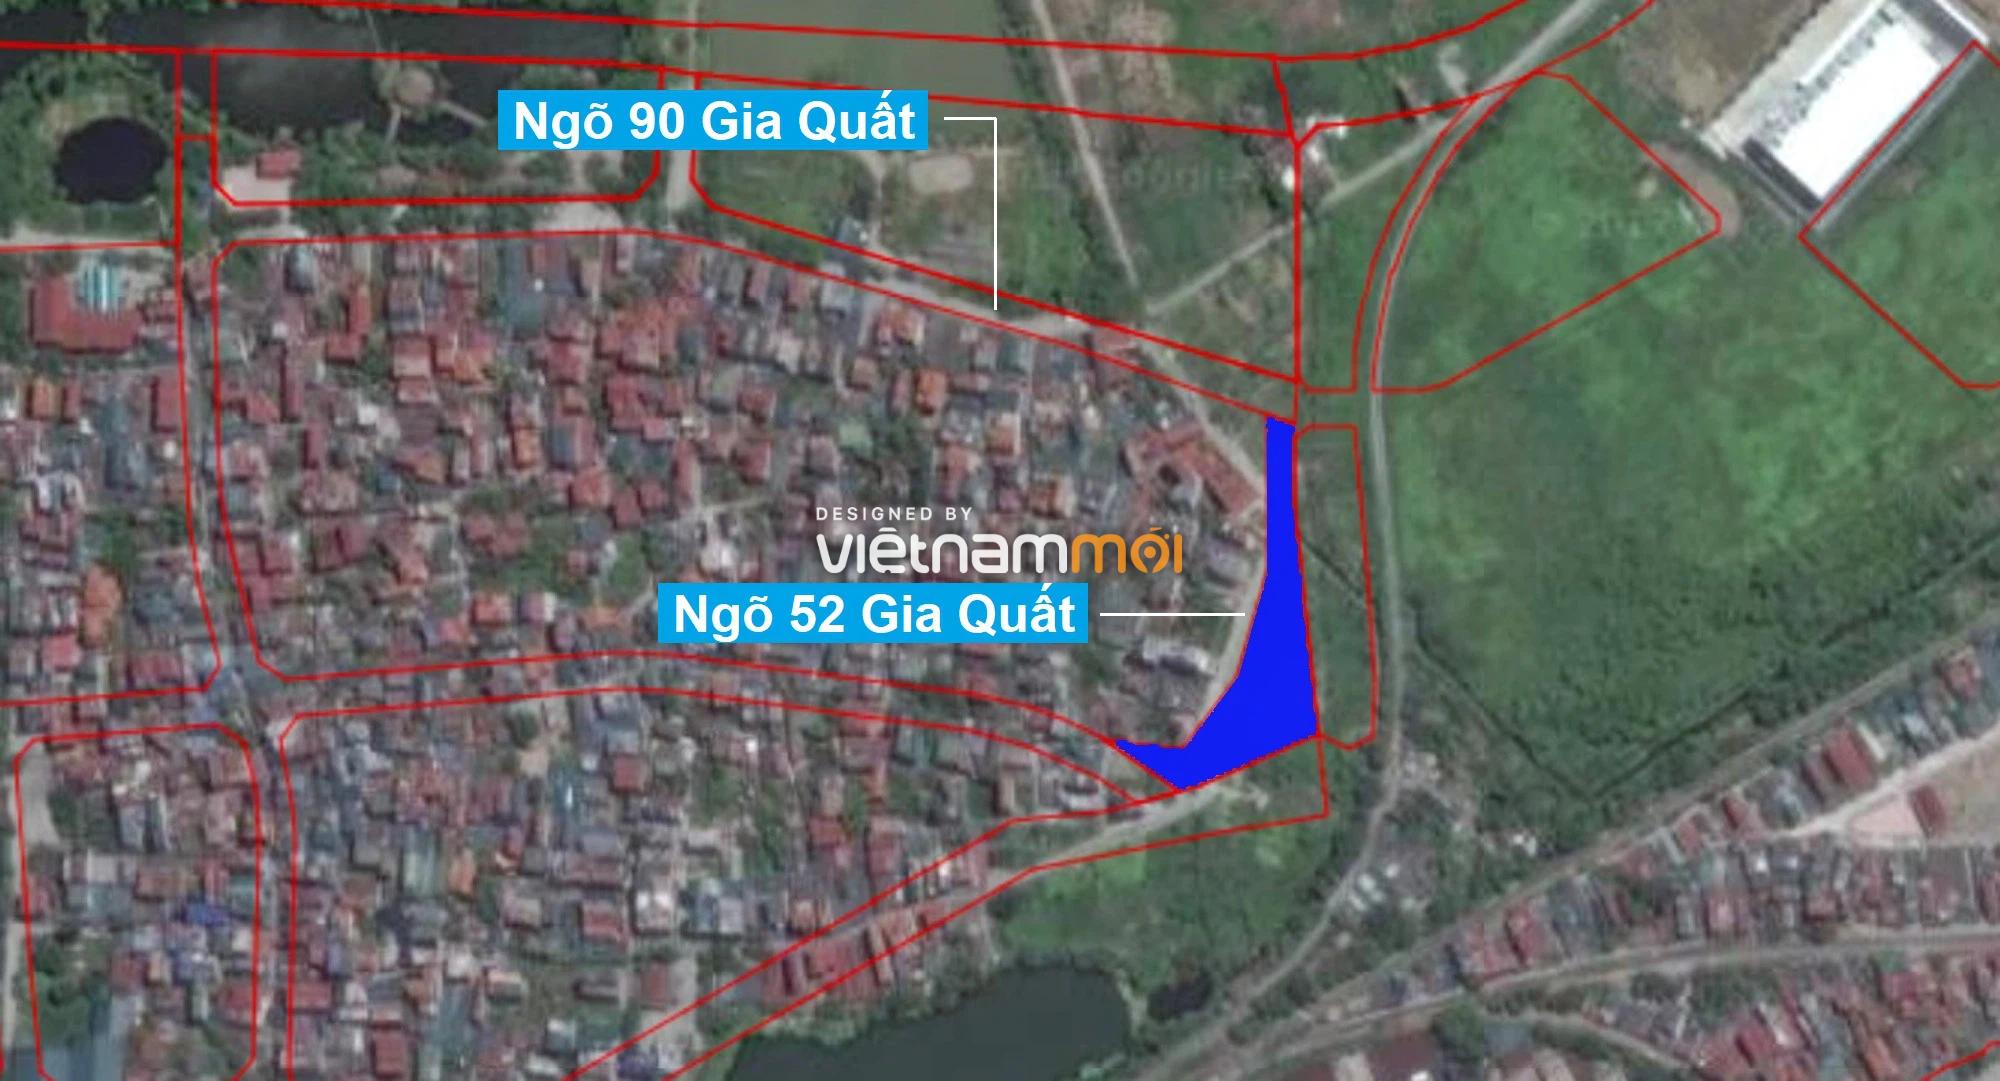 Những khu đất sắp thu hồi để mở đường ở phường Thượng Thanh, Long Biên, Hà Nội (phần 1) - Ảnh 7.